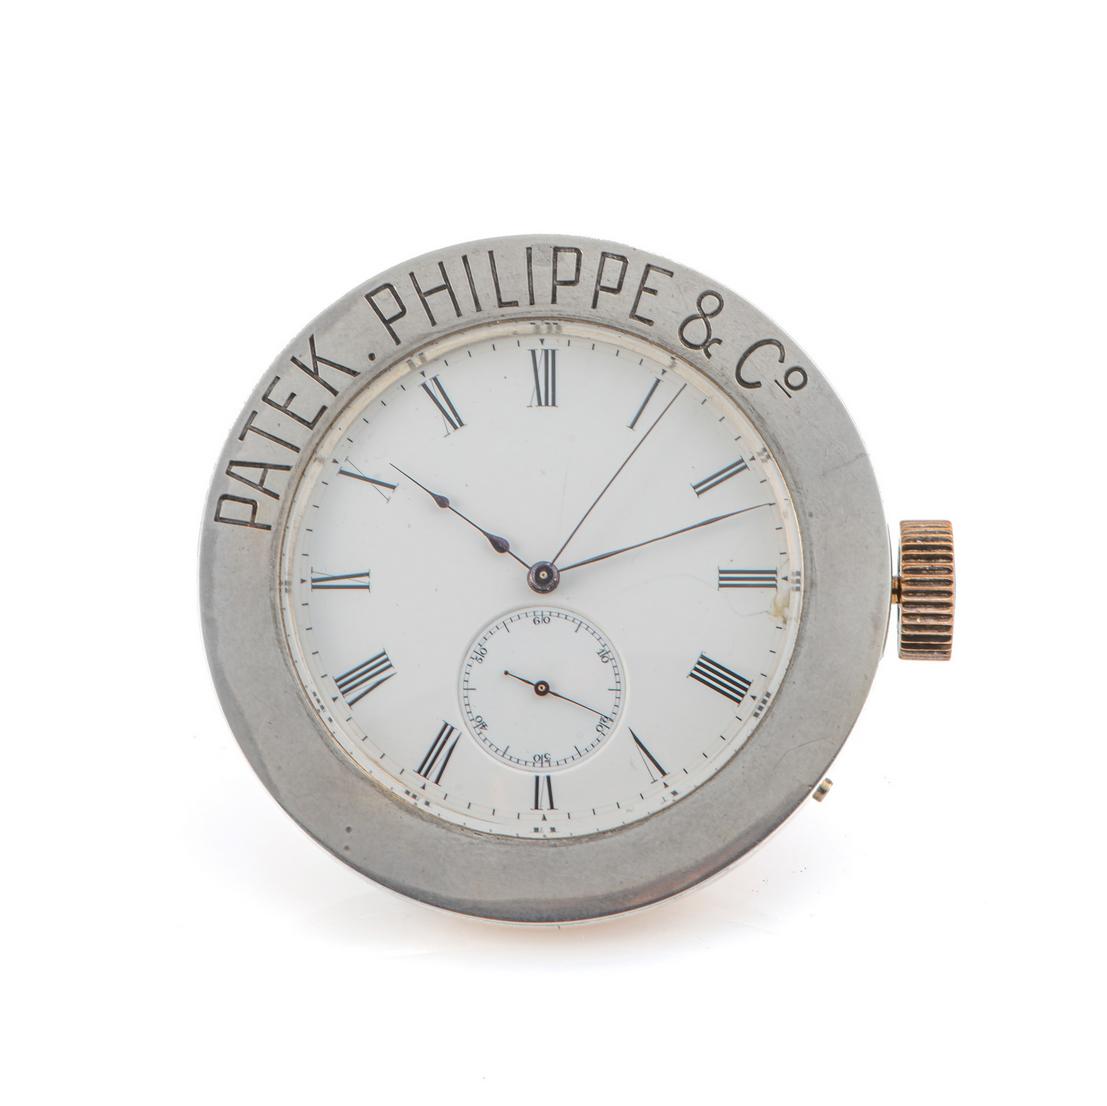 Important Modern & Vintage Timepieces Geneva Online Auction - MondaniWeb